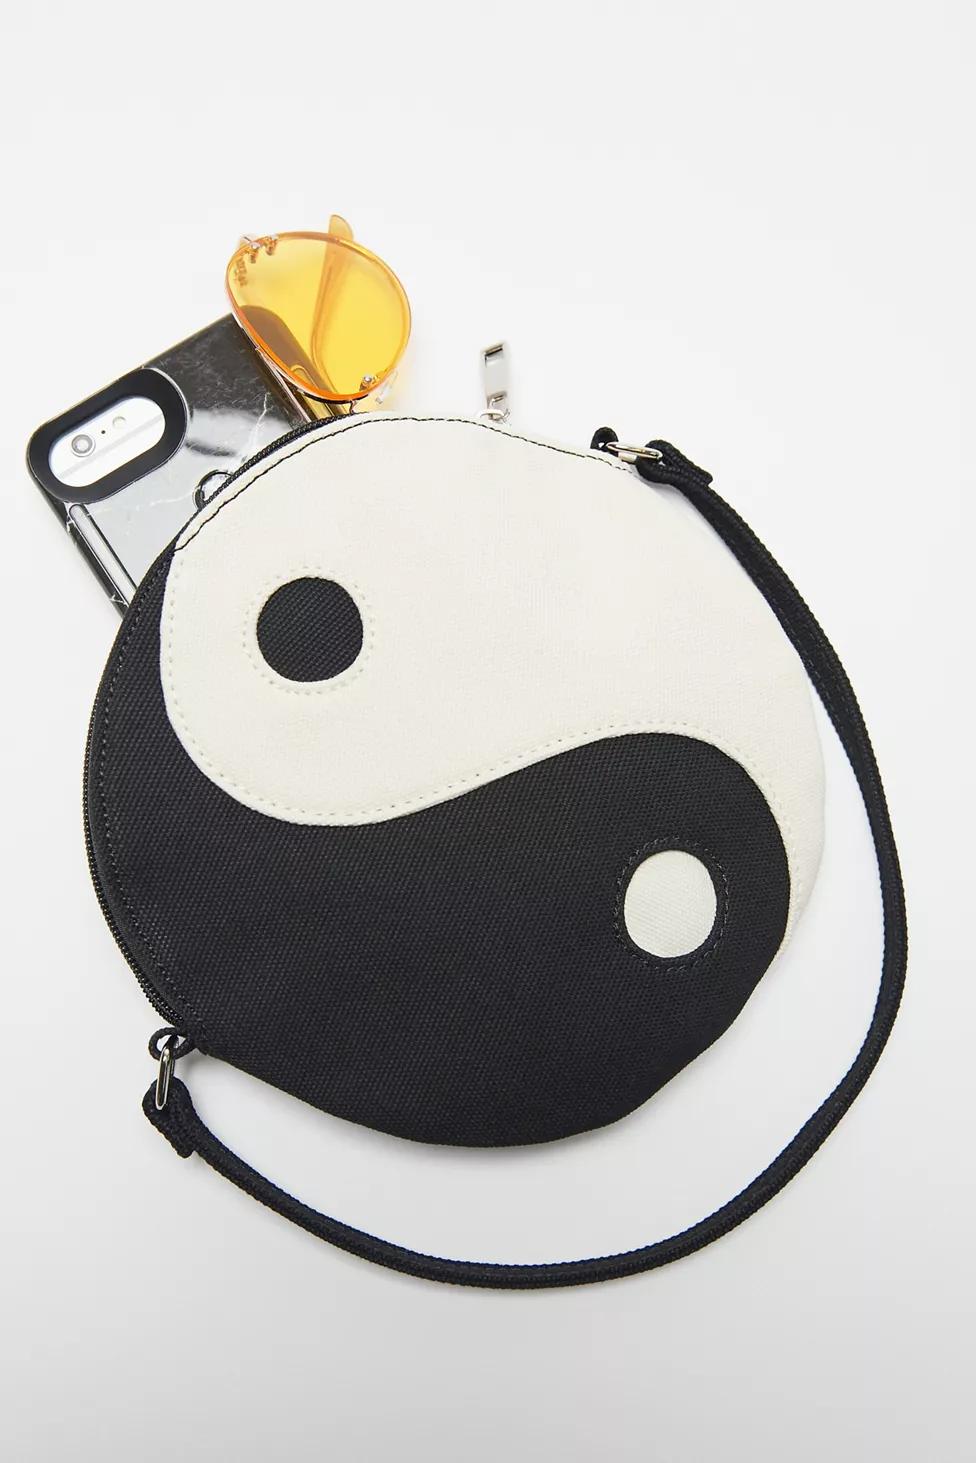 Yin Yang Mini Handbag Urban Outfitters Handbag Mini Handbags Yin Yang